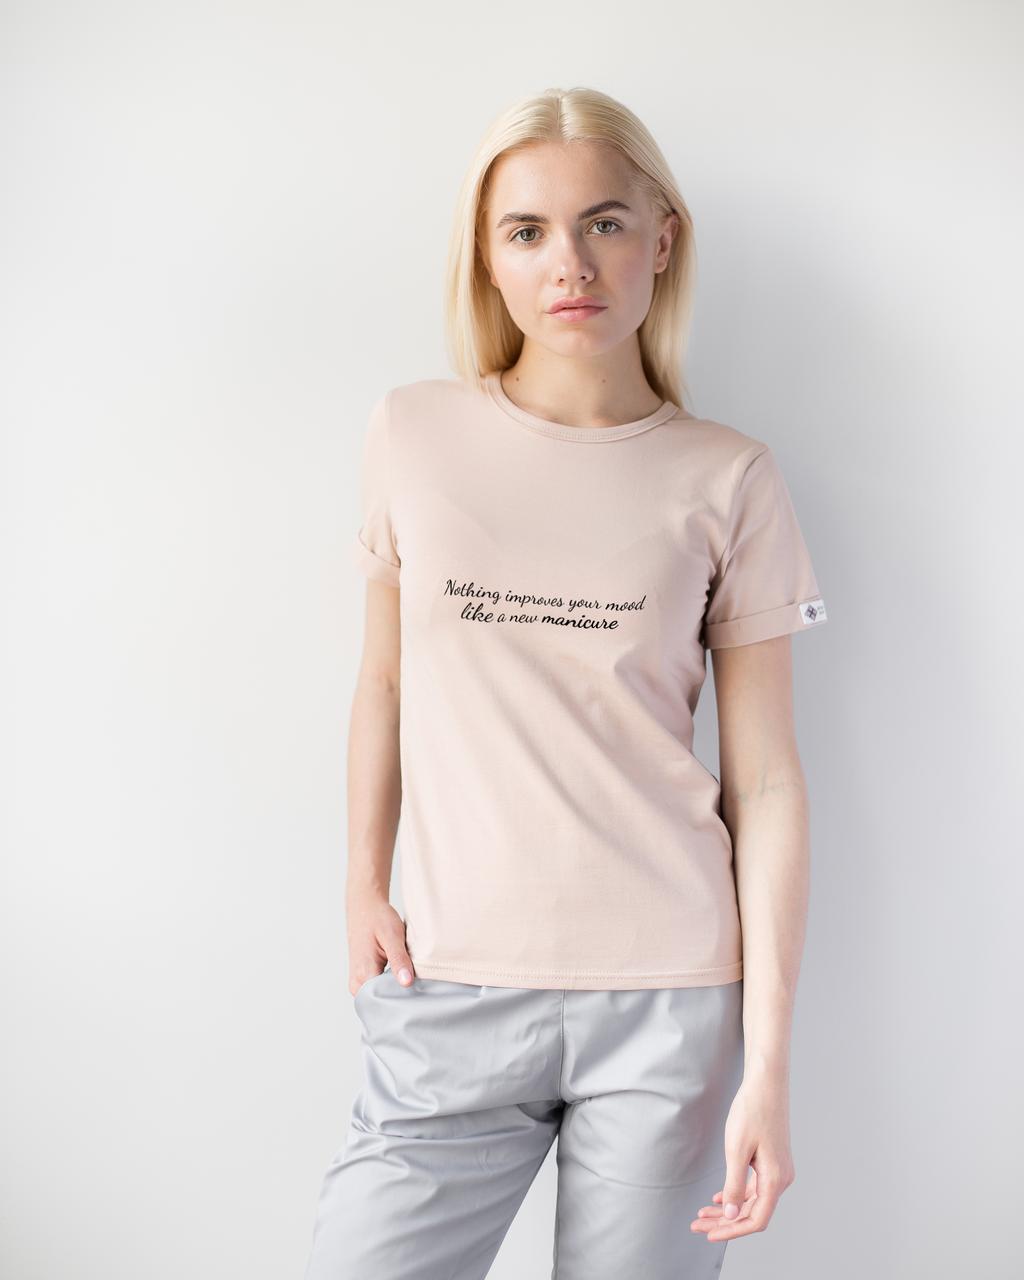 Женская футболка Модерн, беж принт Manicure